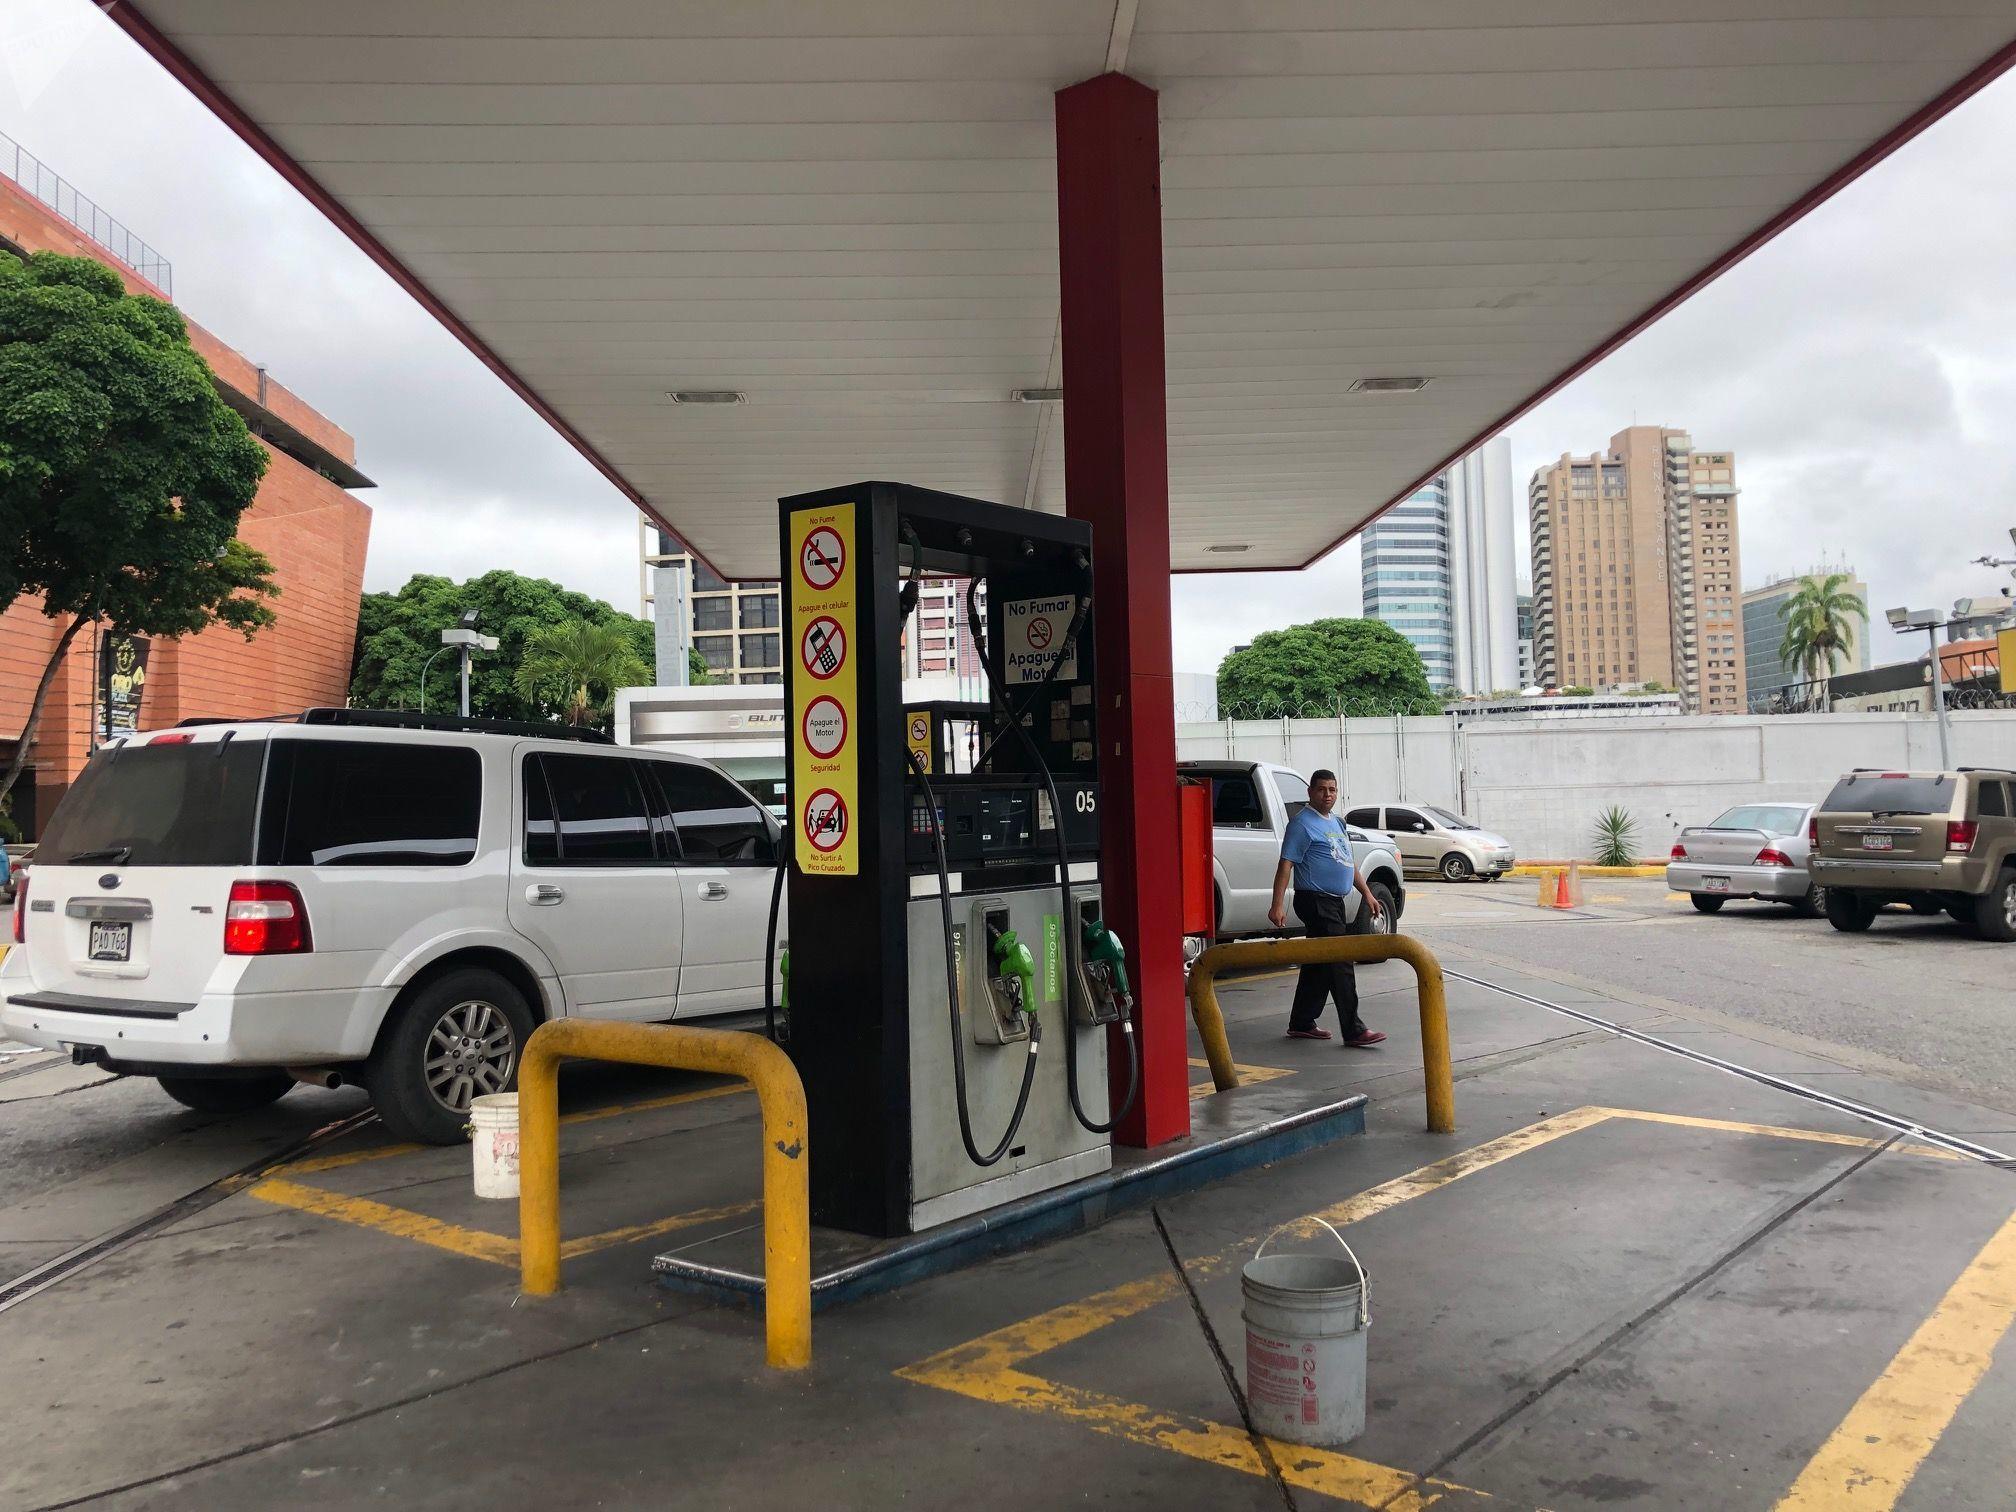 El precio de la gasolina en Venezuela es simbólico, las propinas a los trabajadores de las estaciones de servicio suelen ser mayores al pago del combustible